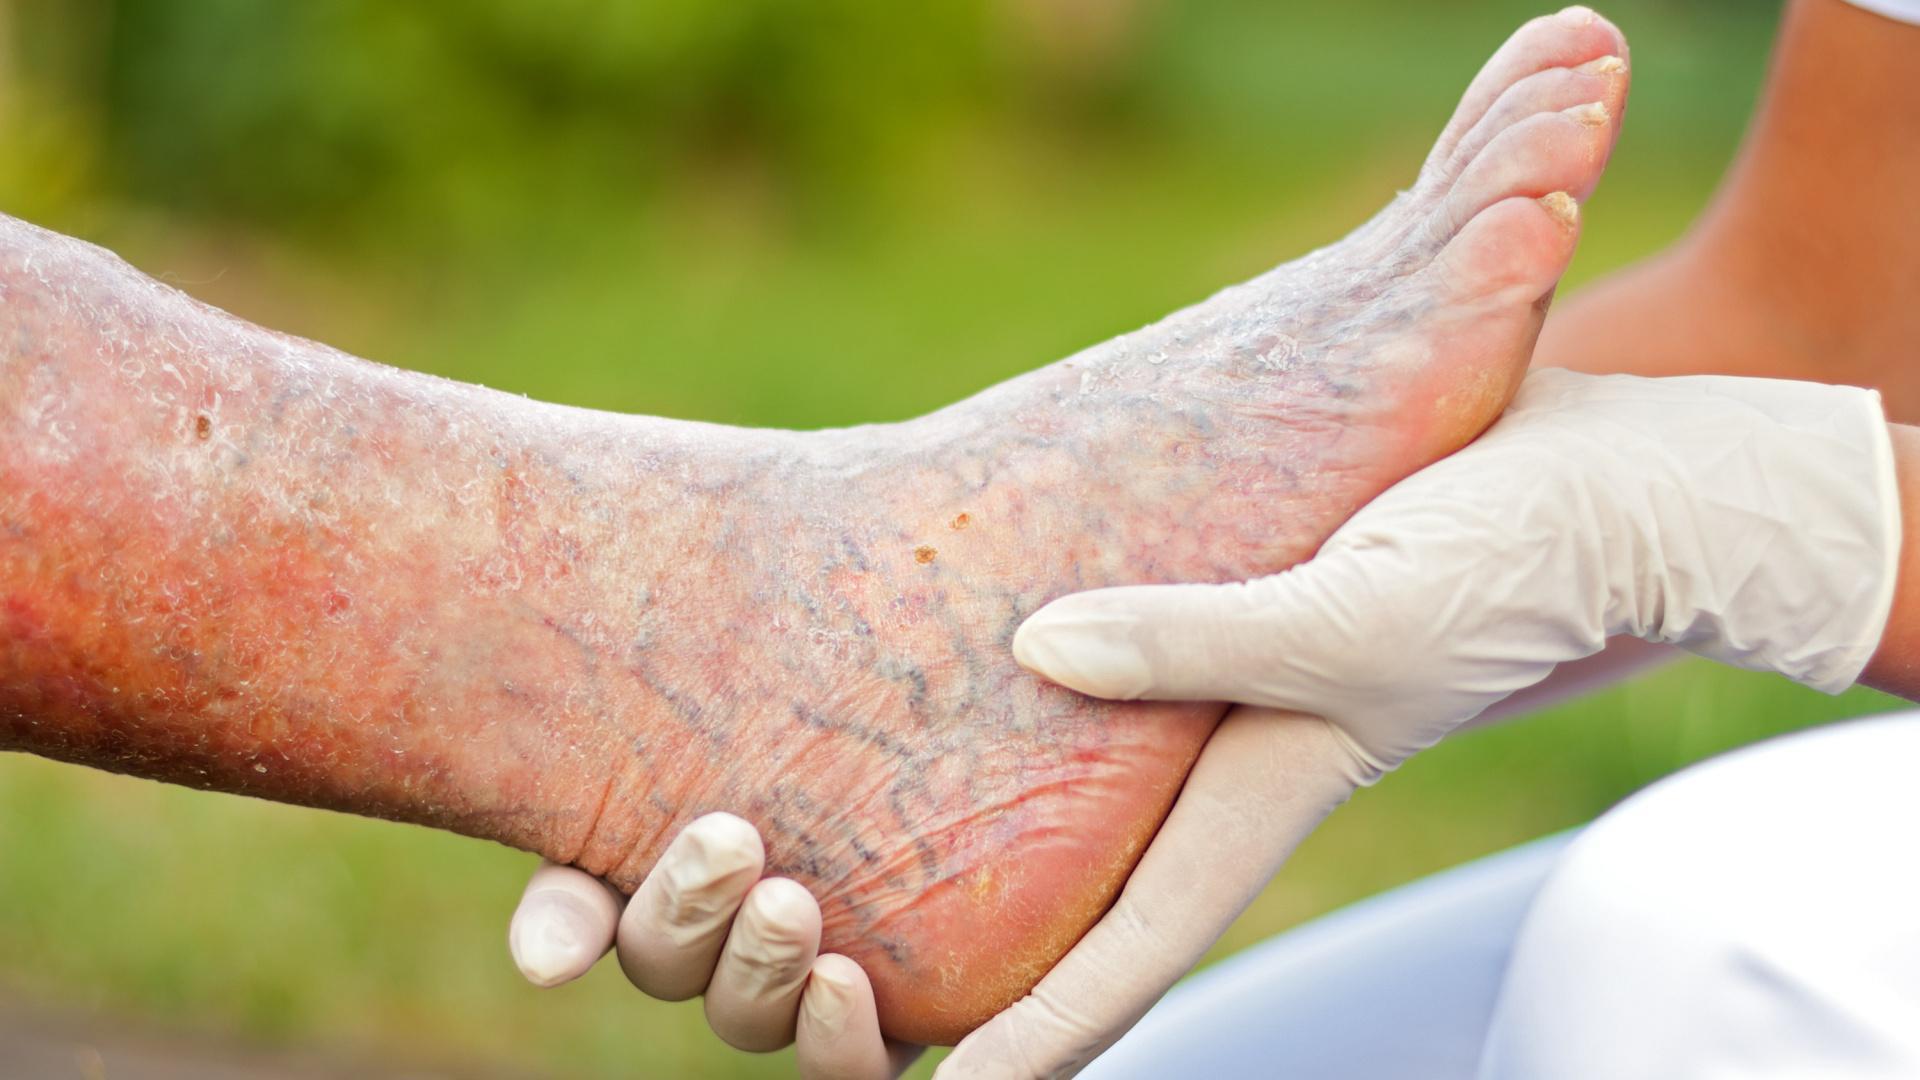 Стоит ли беспокоиться из-за холодных ног: 10 возможных причин симптома  — фото 3